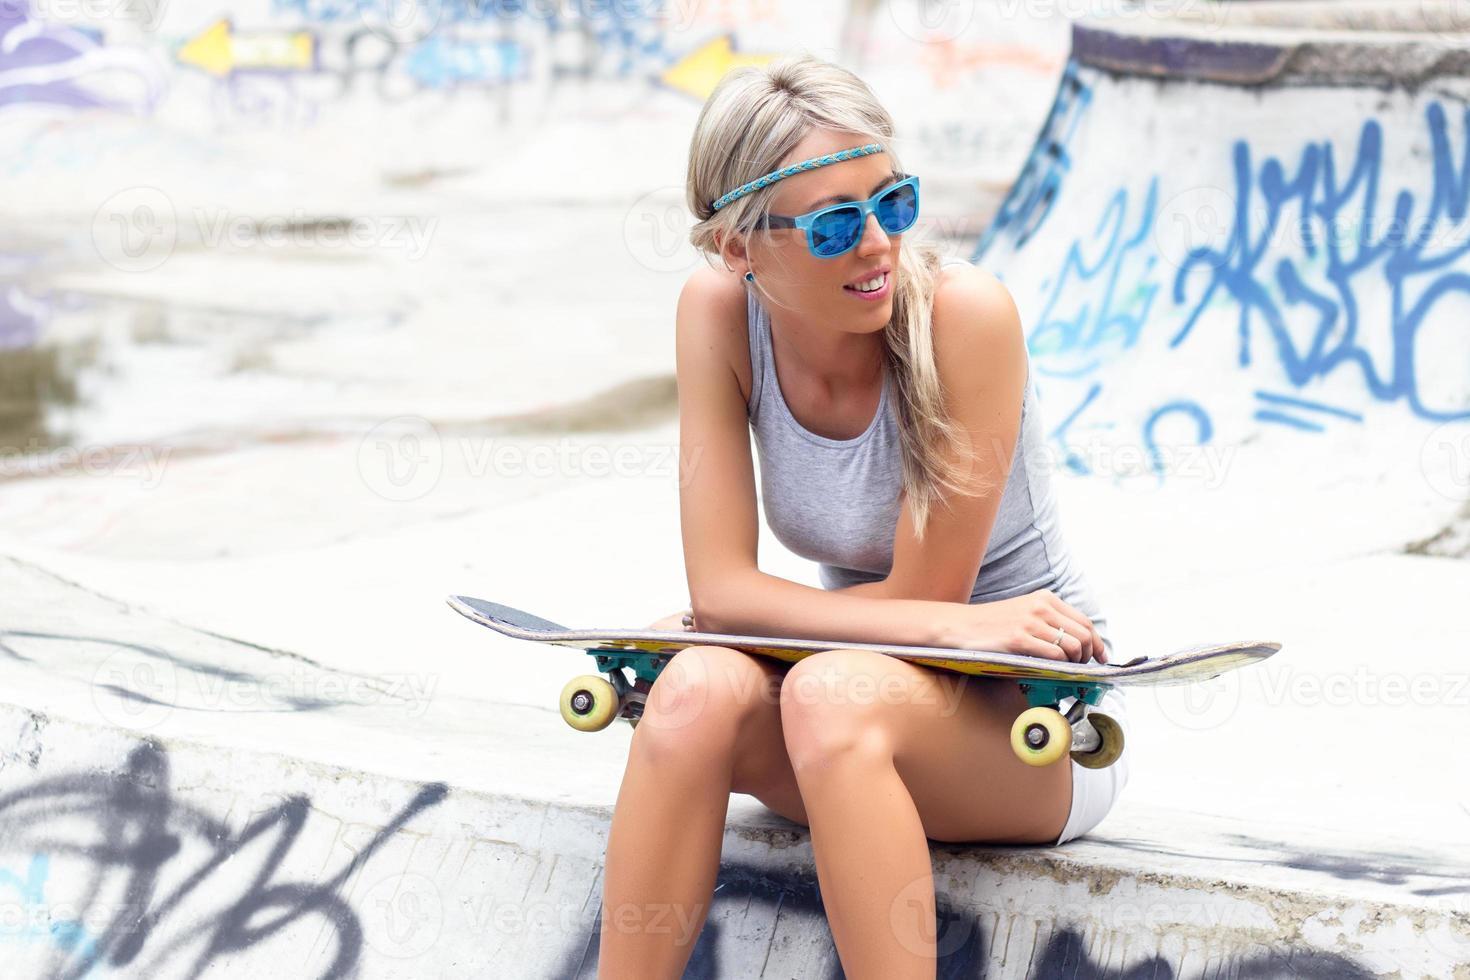 ung flicka med skateboard som sitter i skatepark foto